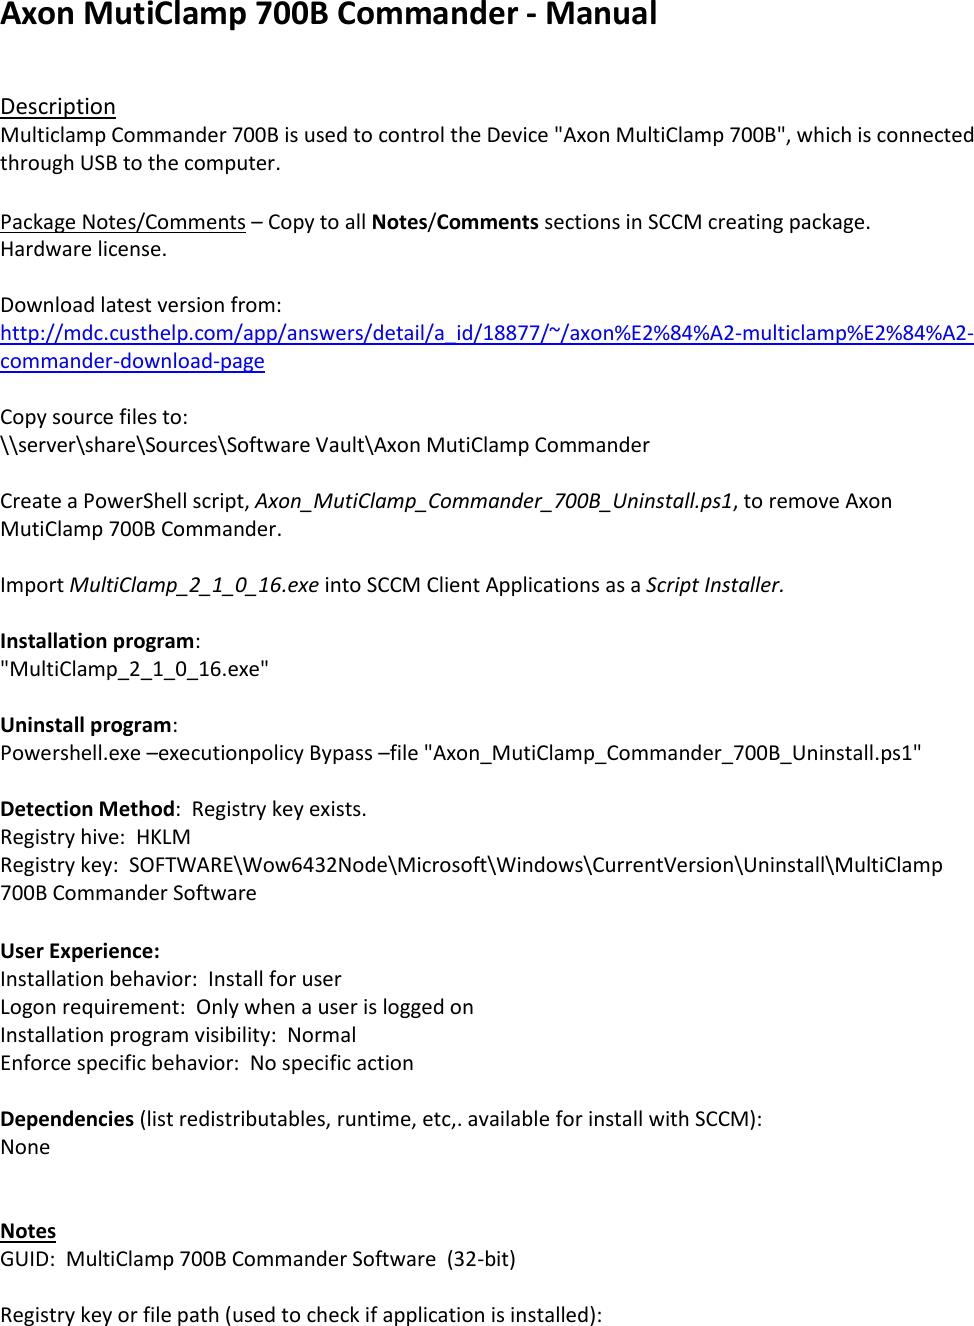 Axon Muti Clamp 700B Commander Manual